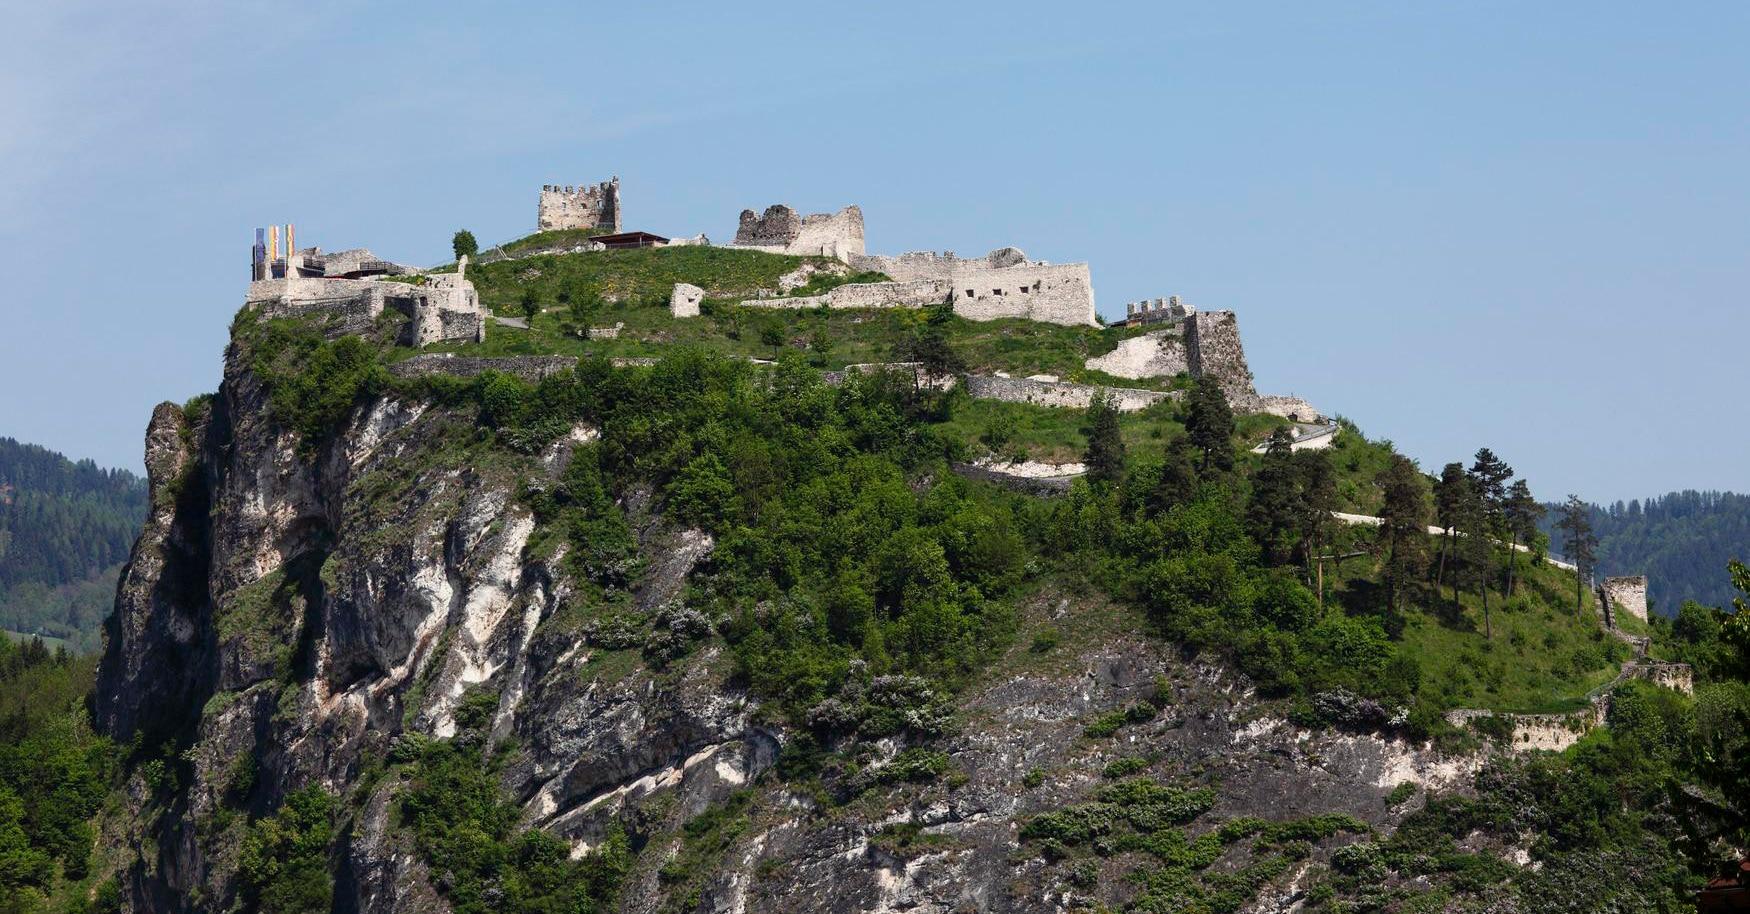 Klettersteig Griffen : Klettersteig auf den schlossberg griffen e bergwelten